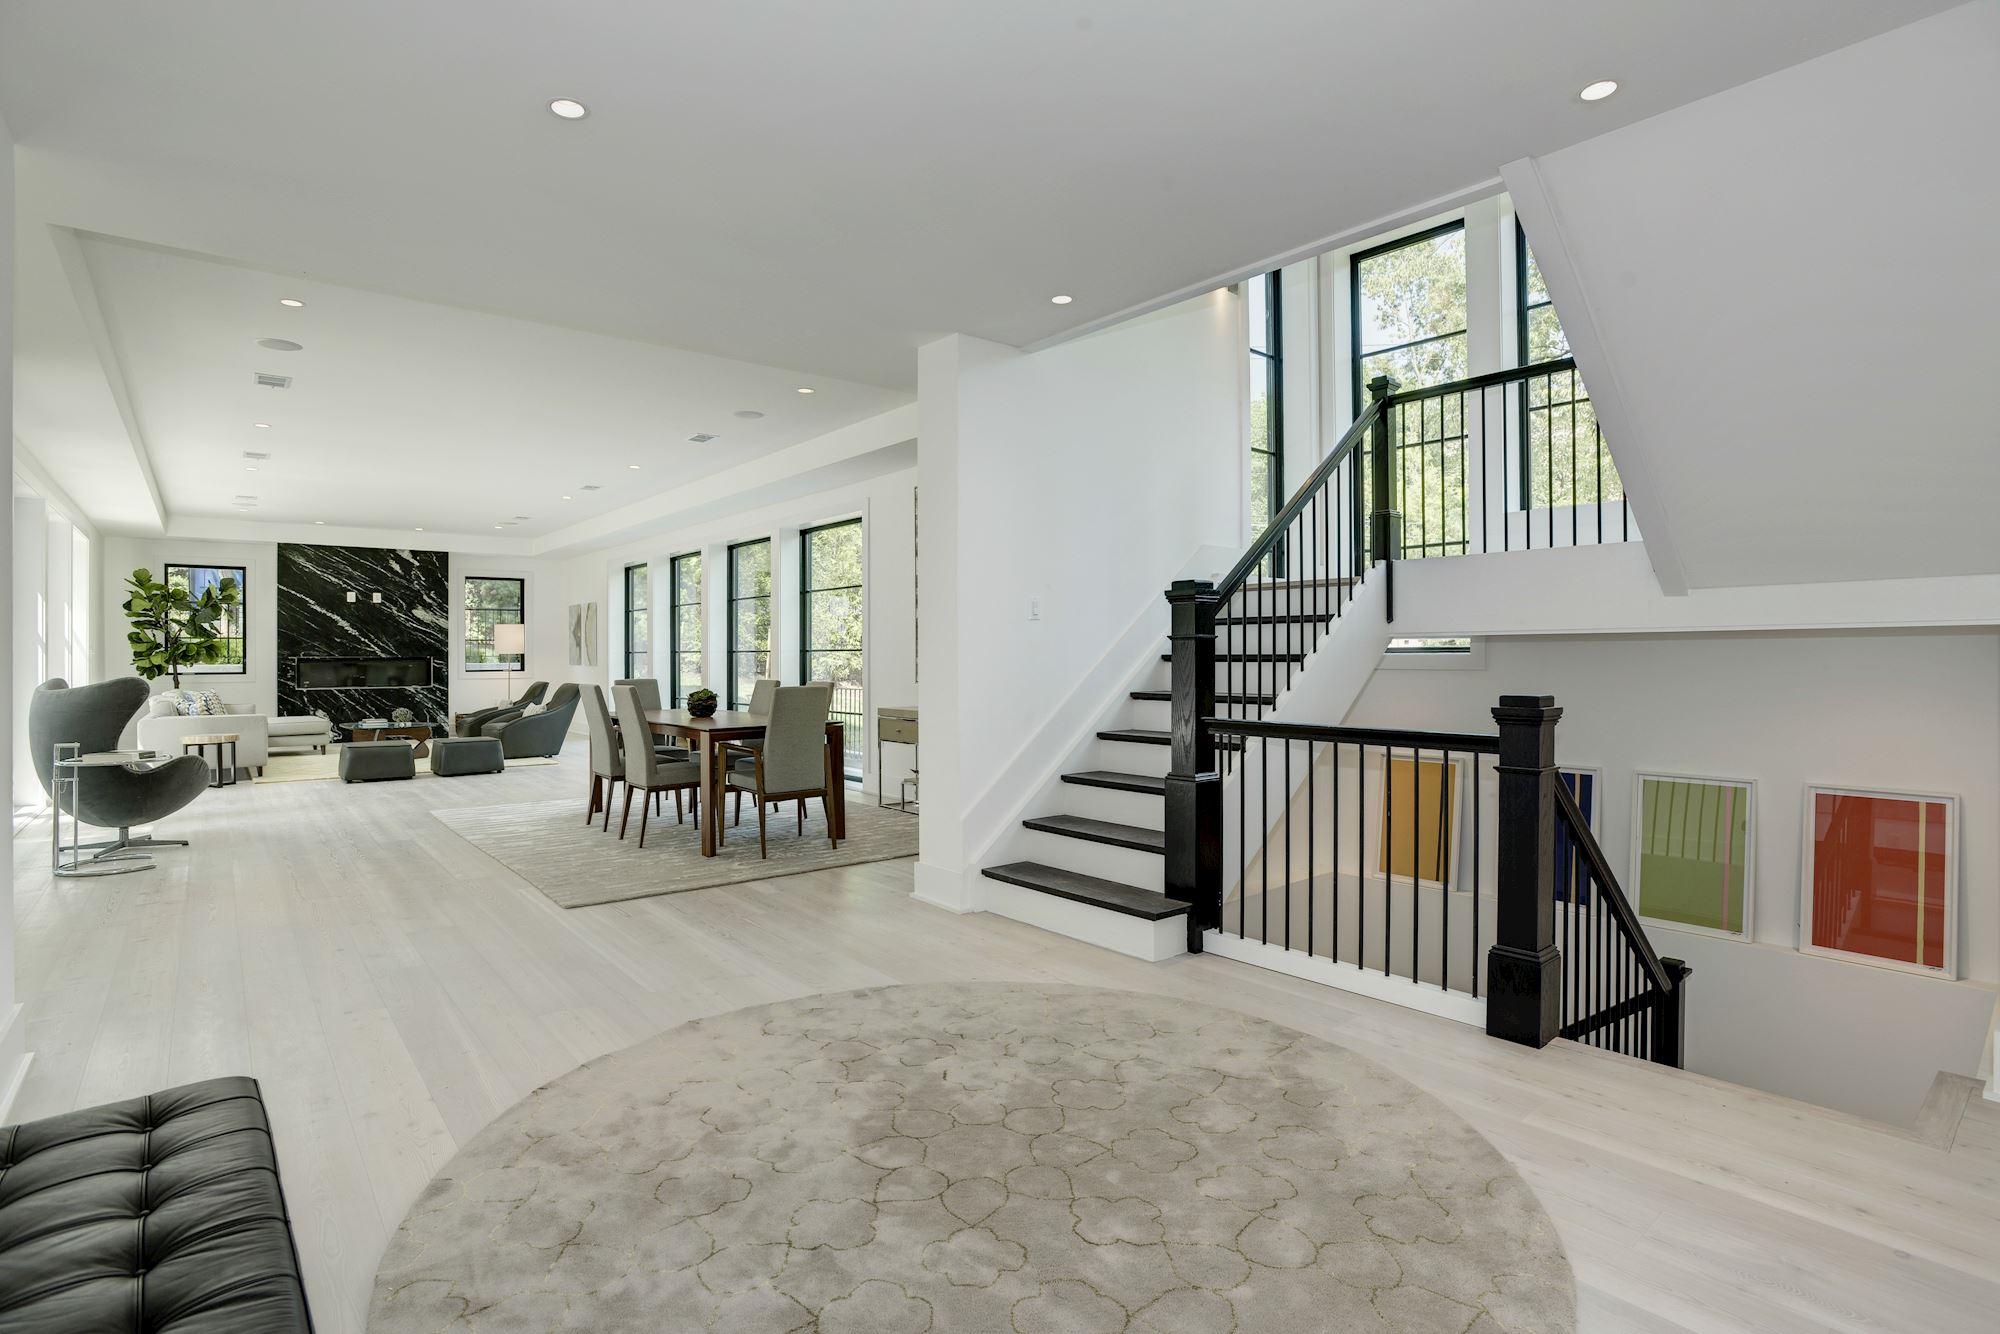 House Foyer Xl : Upton st nw washington dc